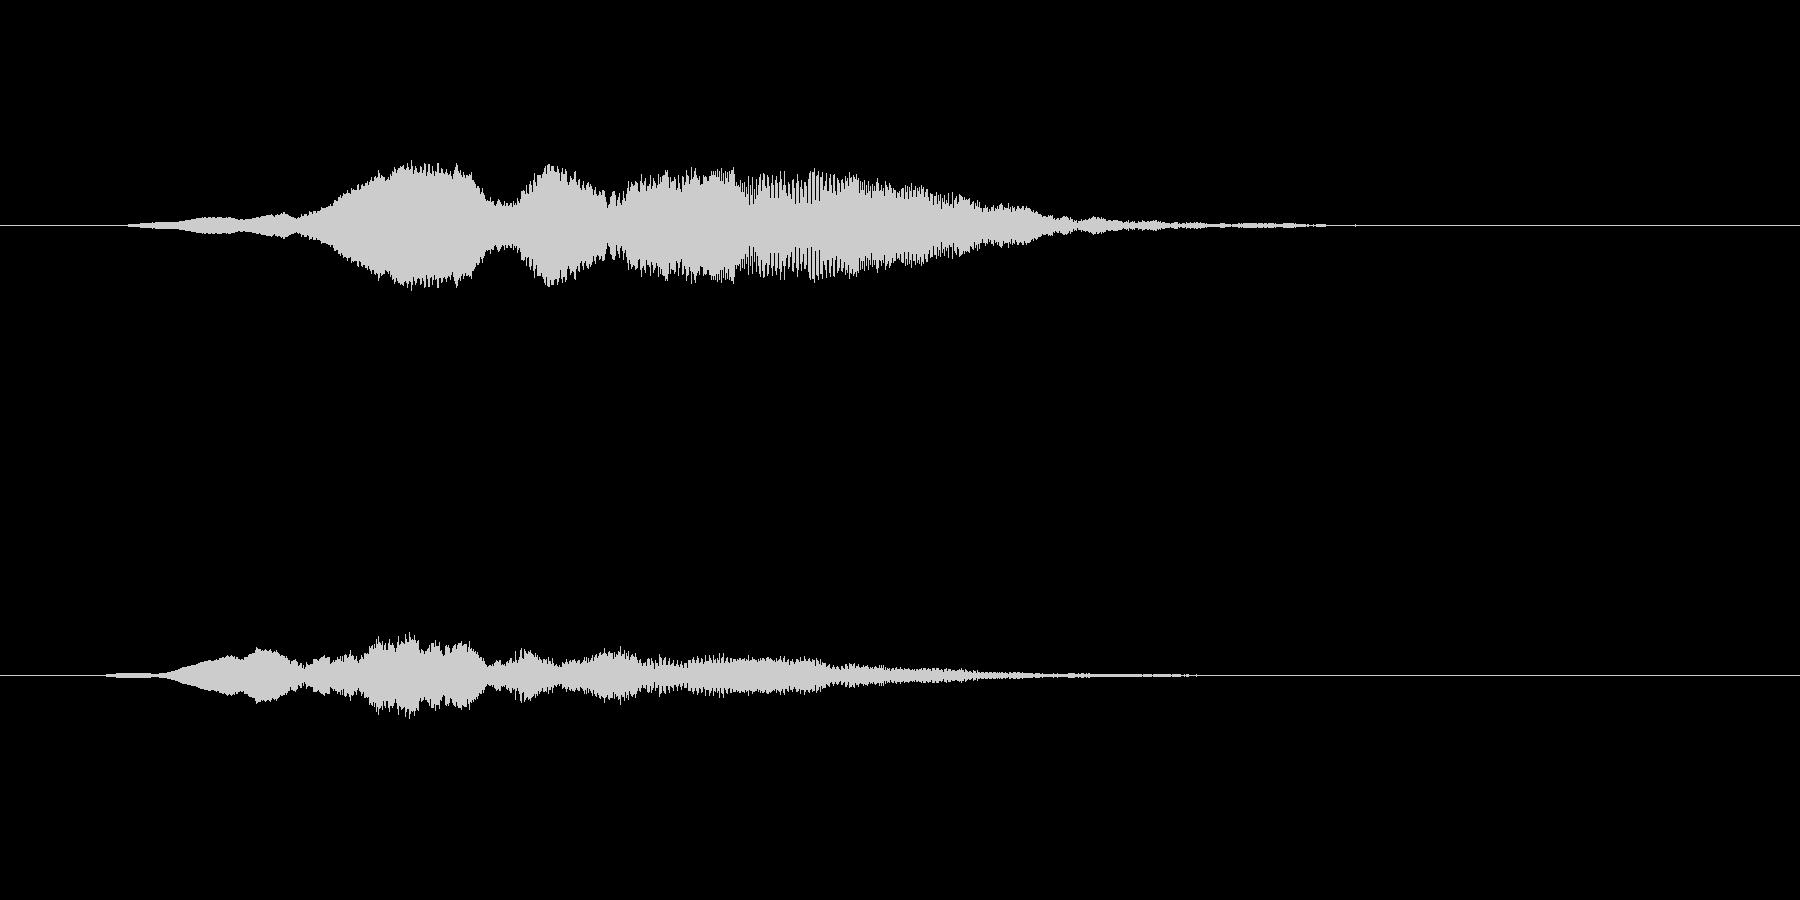 光が差し込む 幻想的なサウンドロゴの未再生の波形